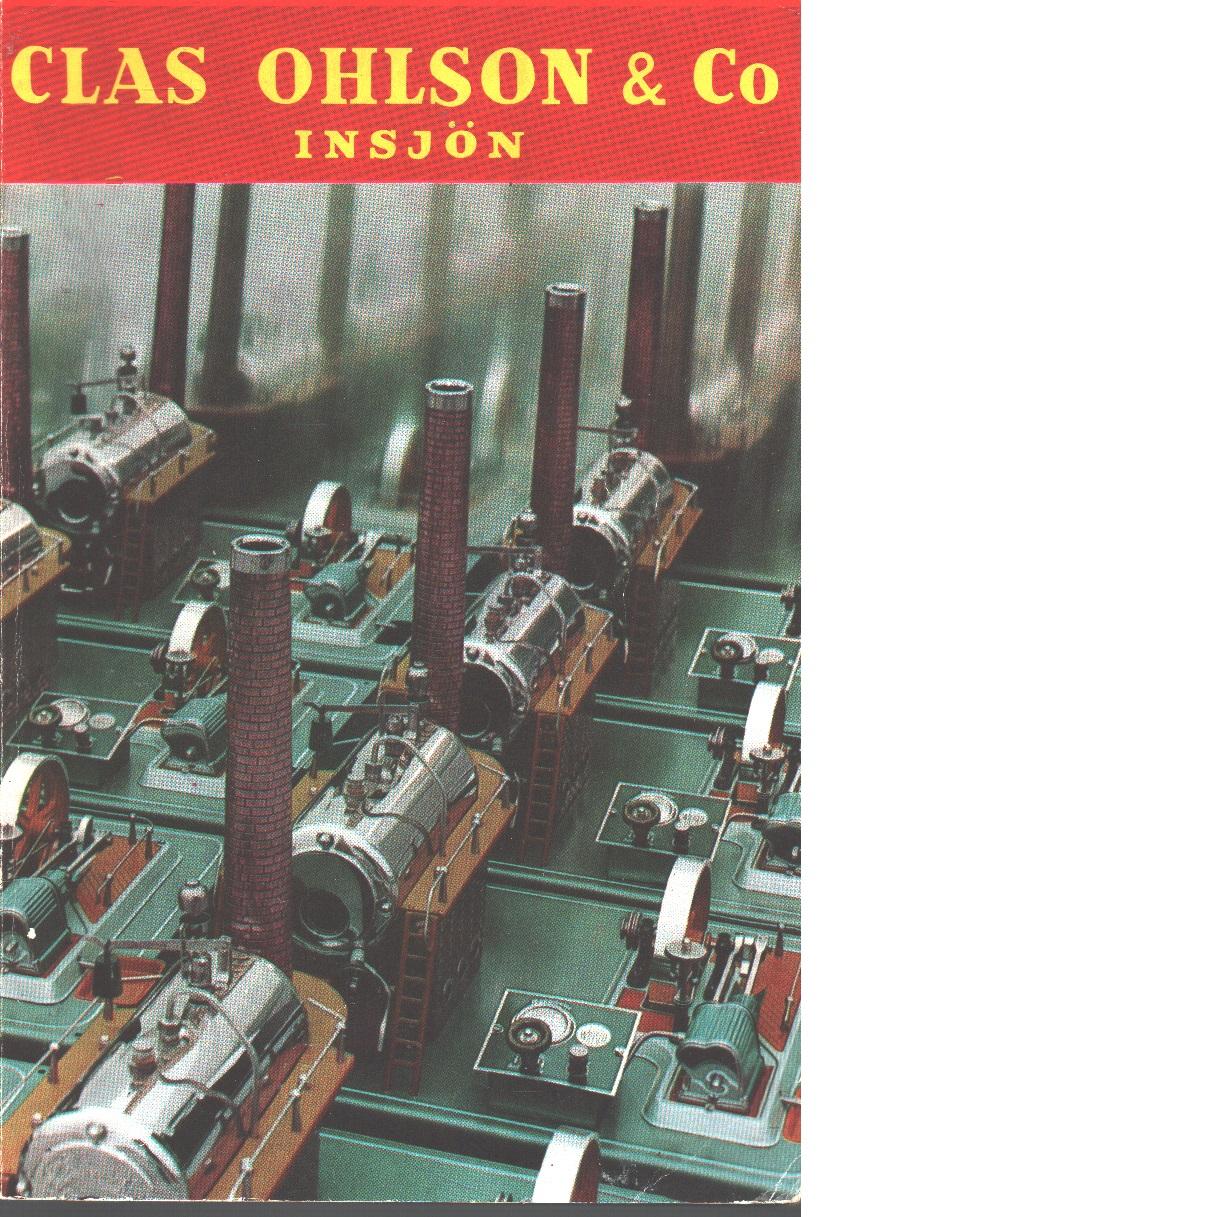 Clas Ohlson: 1961 - 62   års katalog - Clas Ohlsson & Co